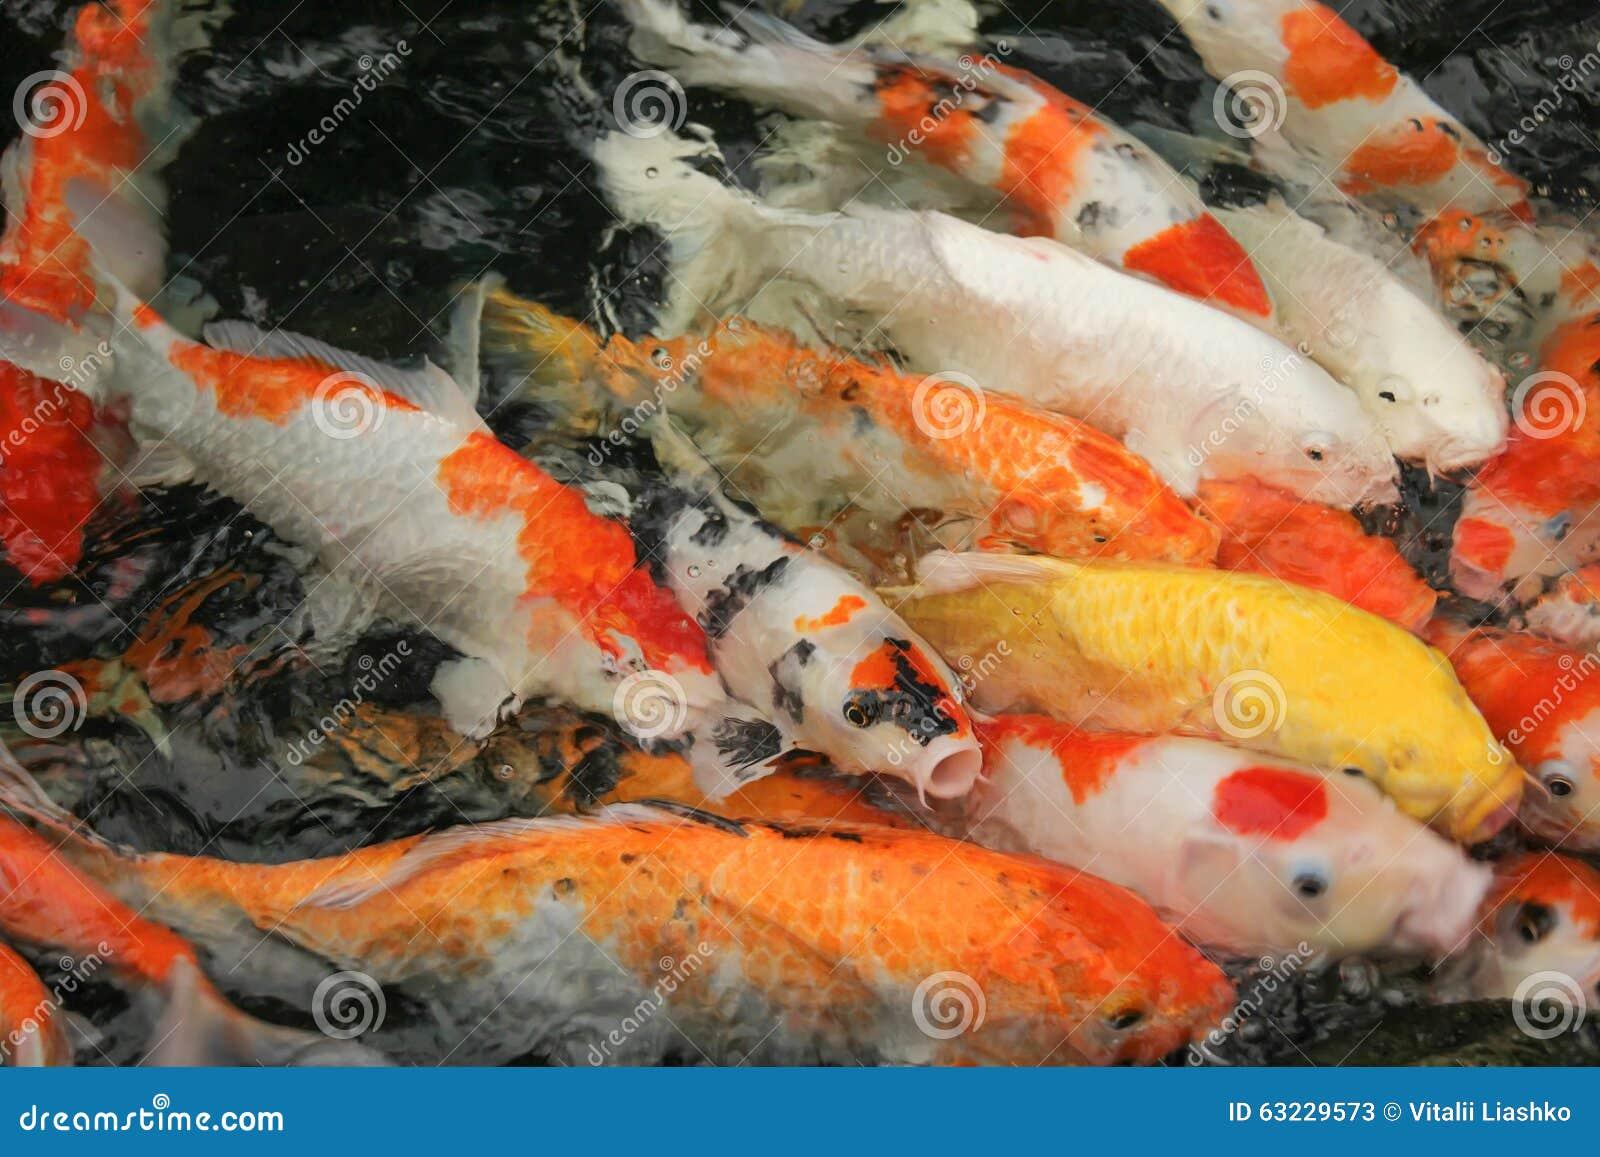 Koi fish swimming in water stock photo image 63229573 for Koi fish swimming